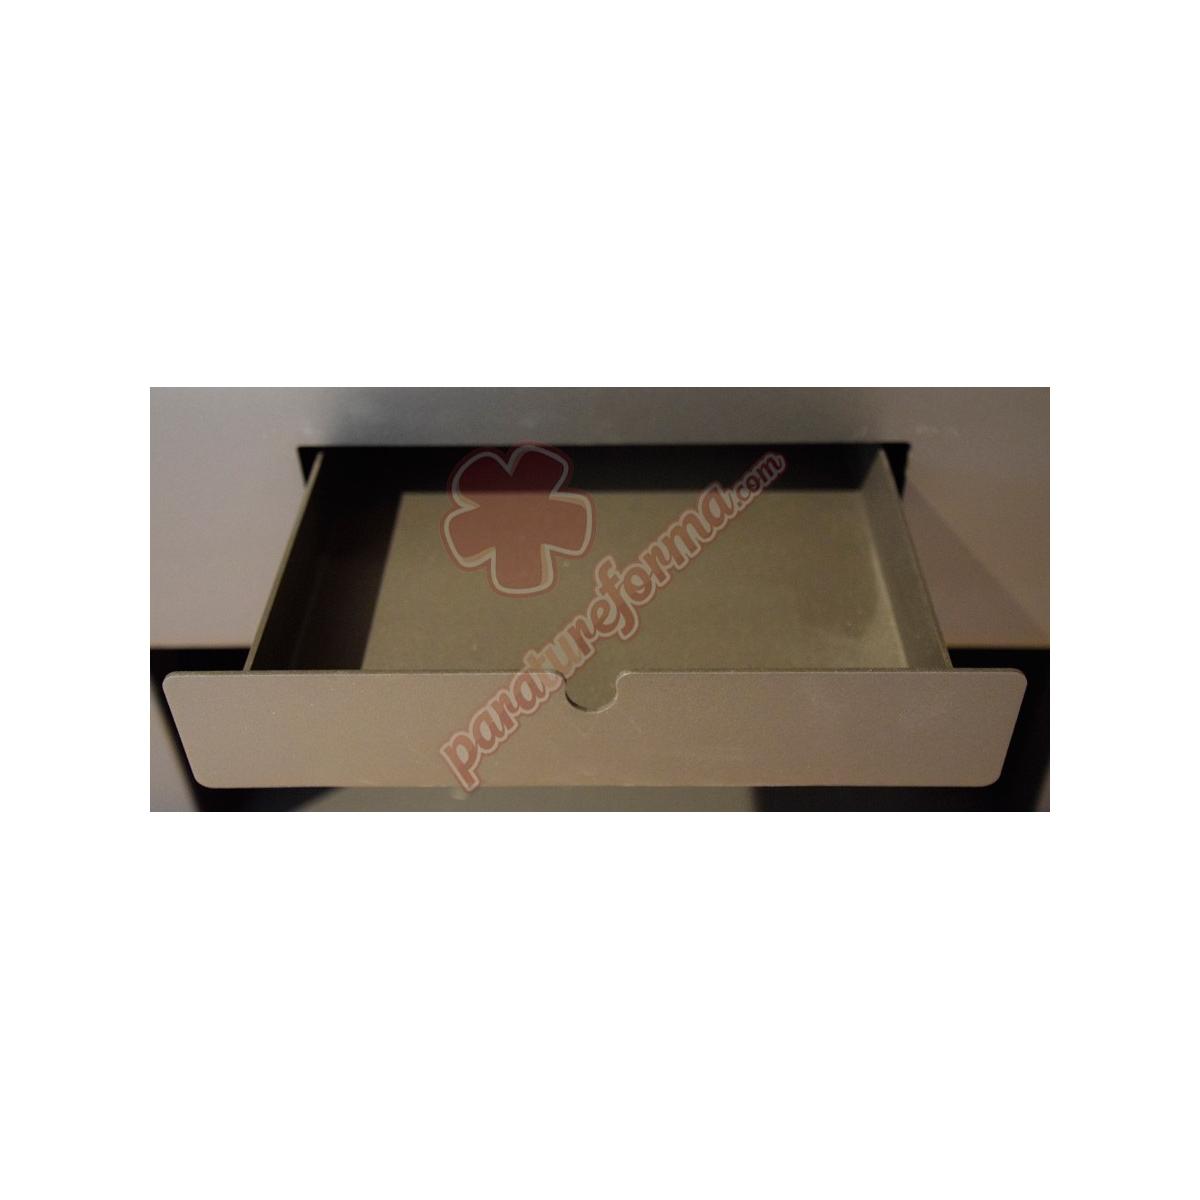 Horno de leña de rincón HL-200-R + Regalo directo Hornos de leña FM Calefacción